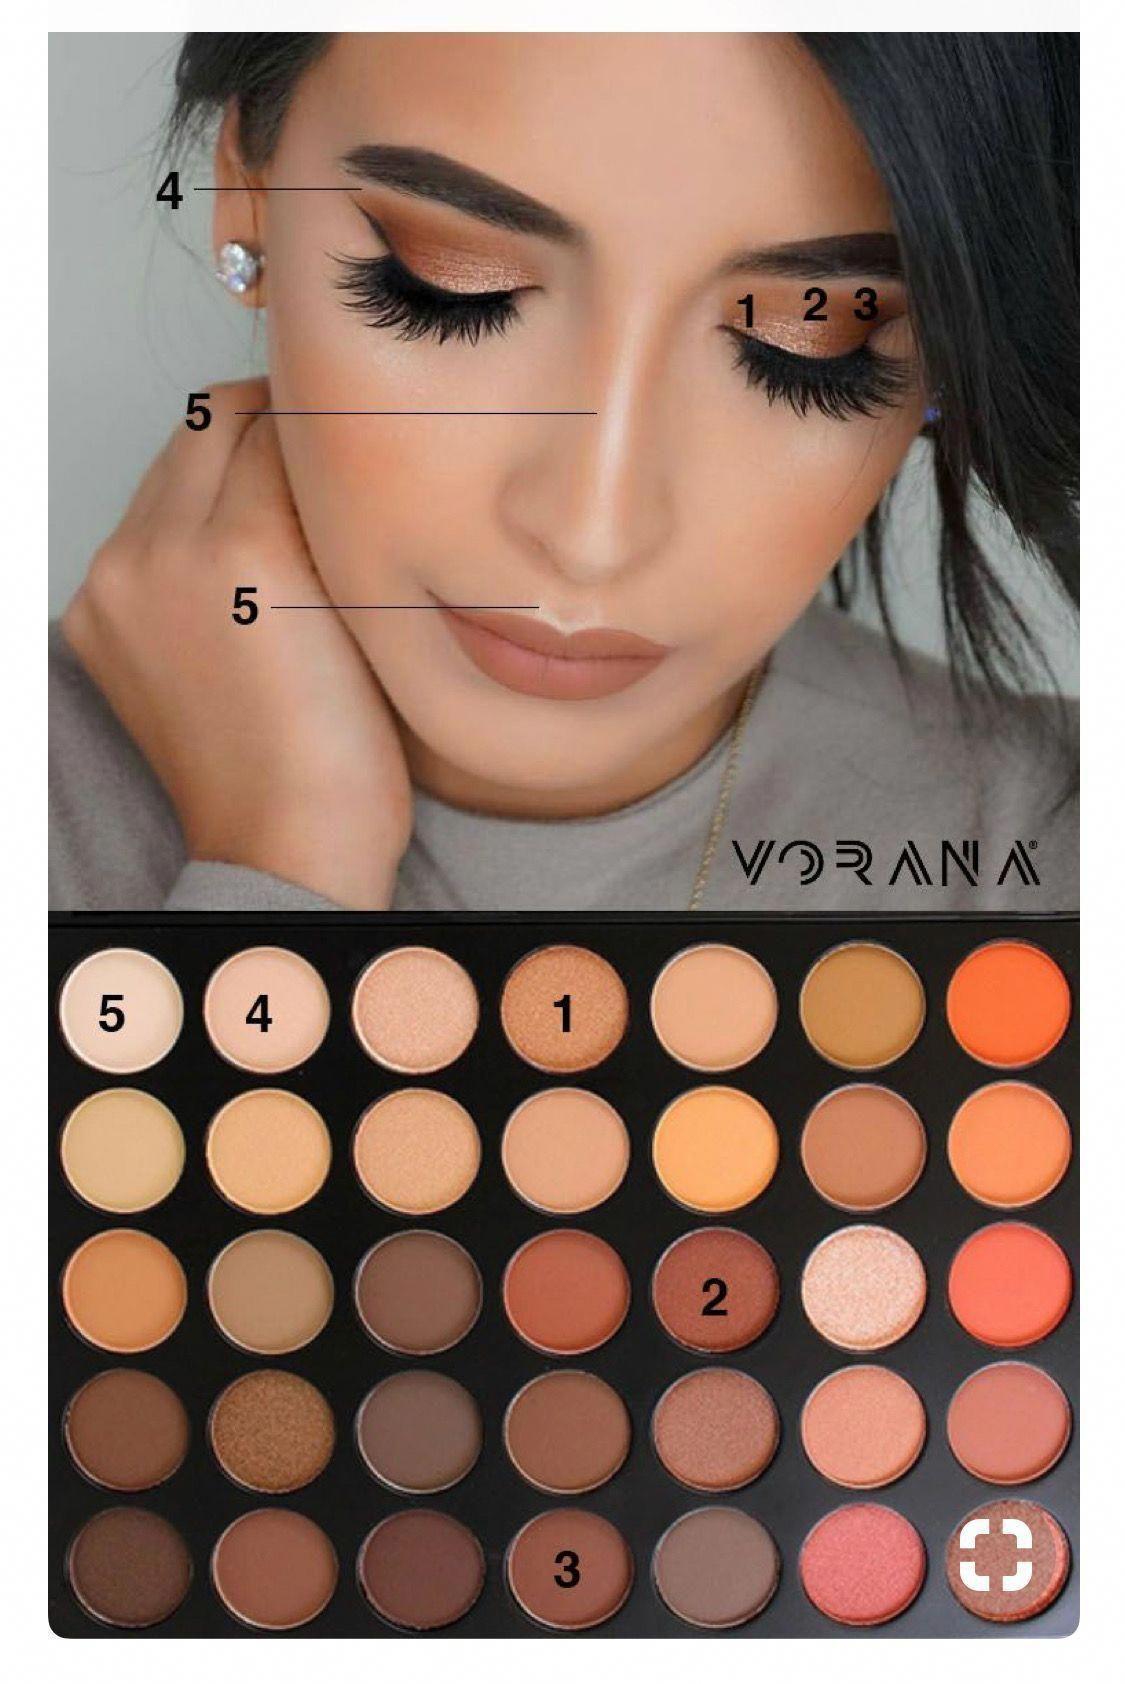 Photo of Make Up Dryskinmakeup Naturalmakeupforteens Great Makeup